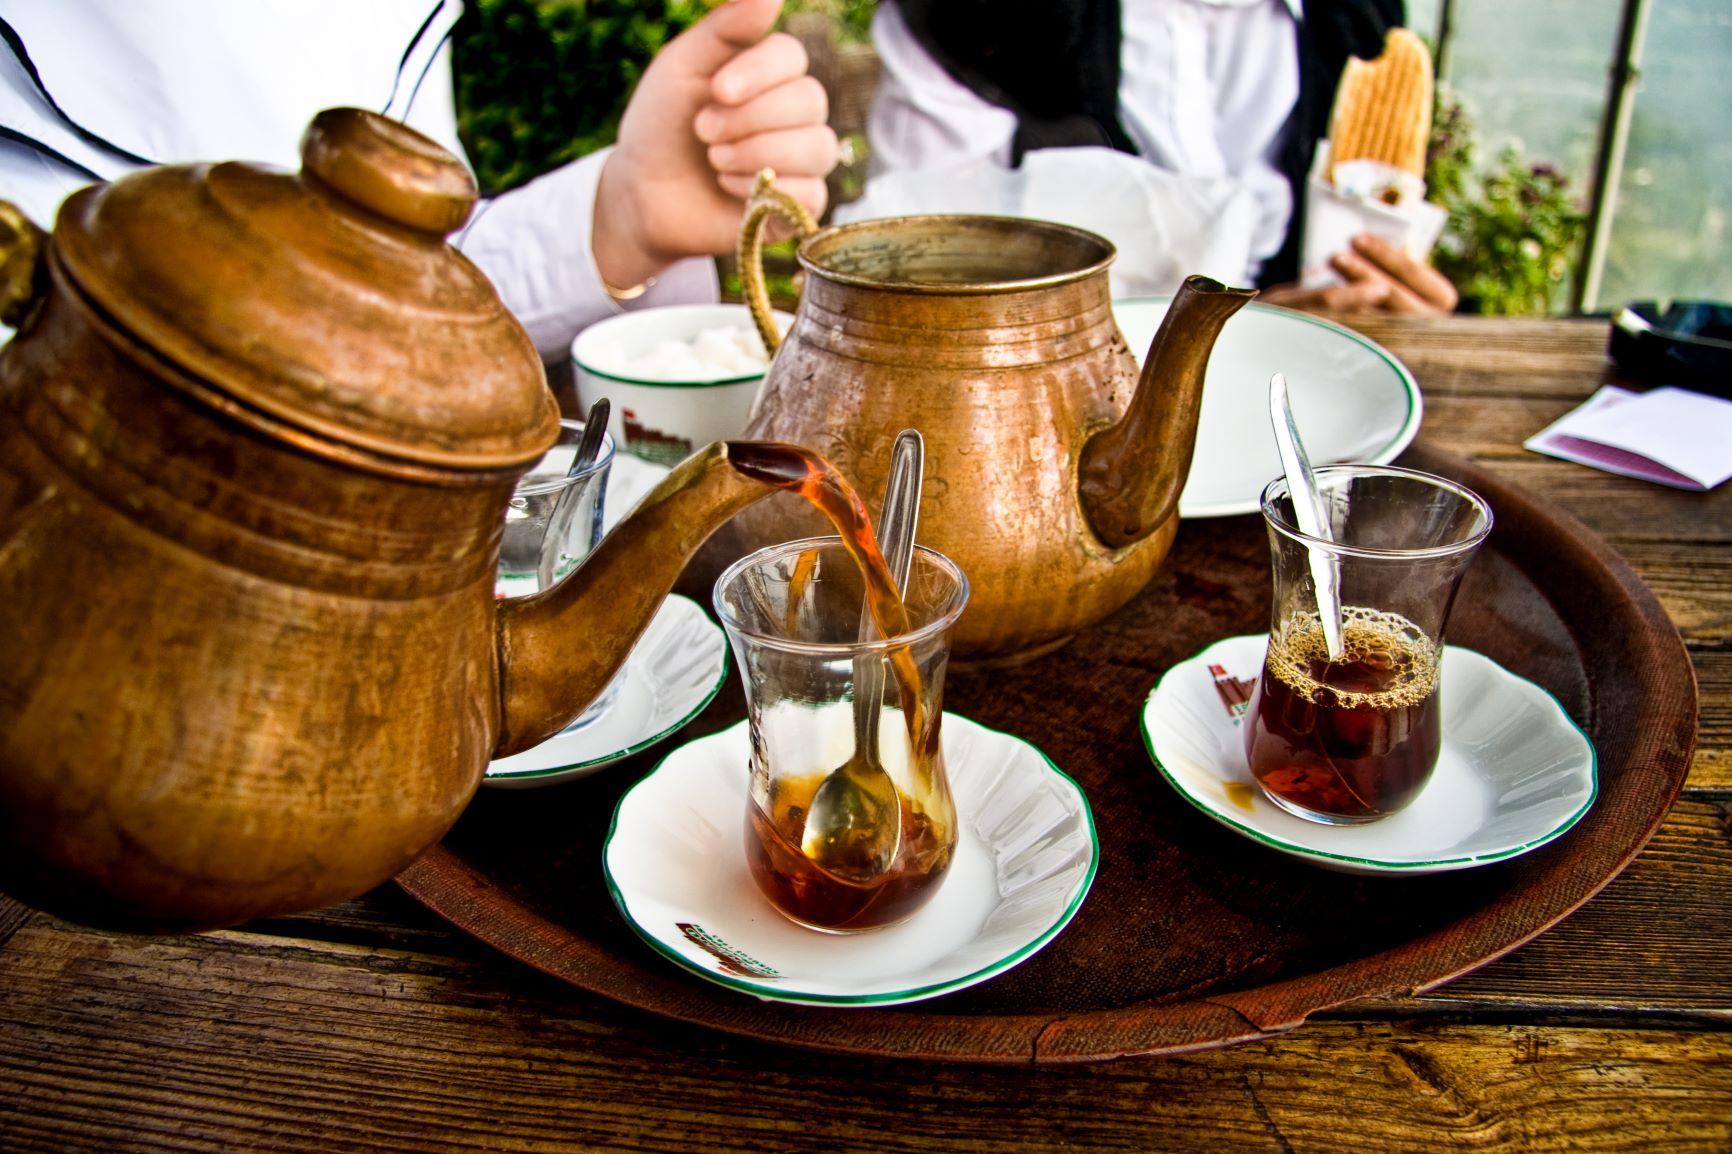 Entre Oriente y Occidente. Turquía. NUBA everywhere. Café turco